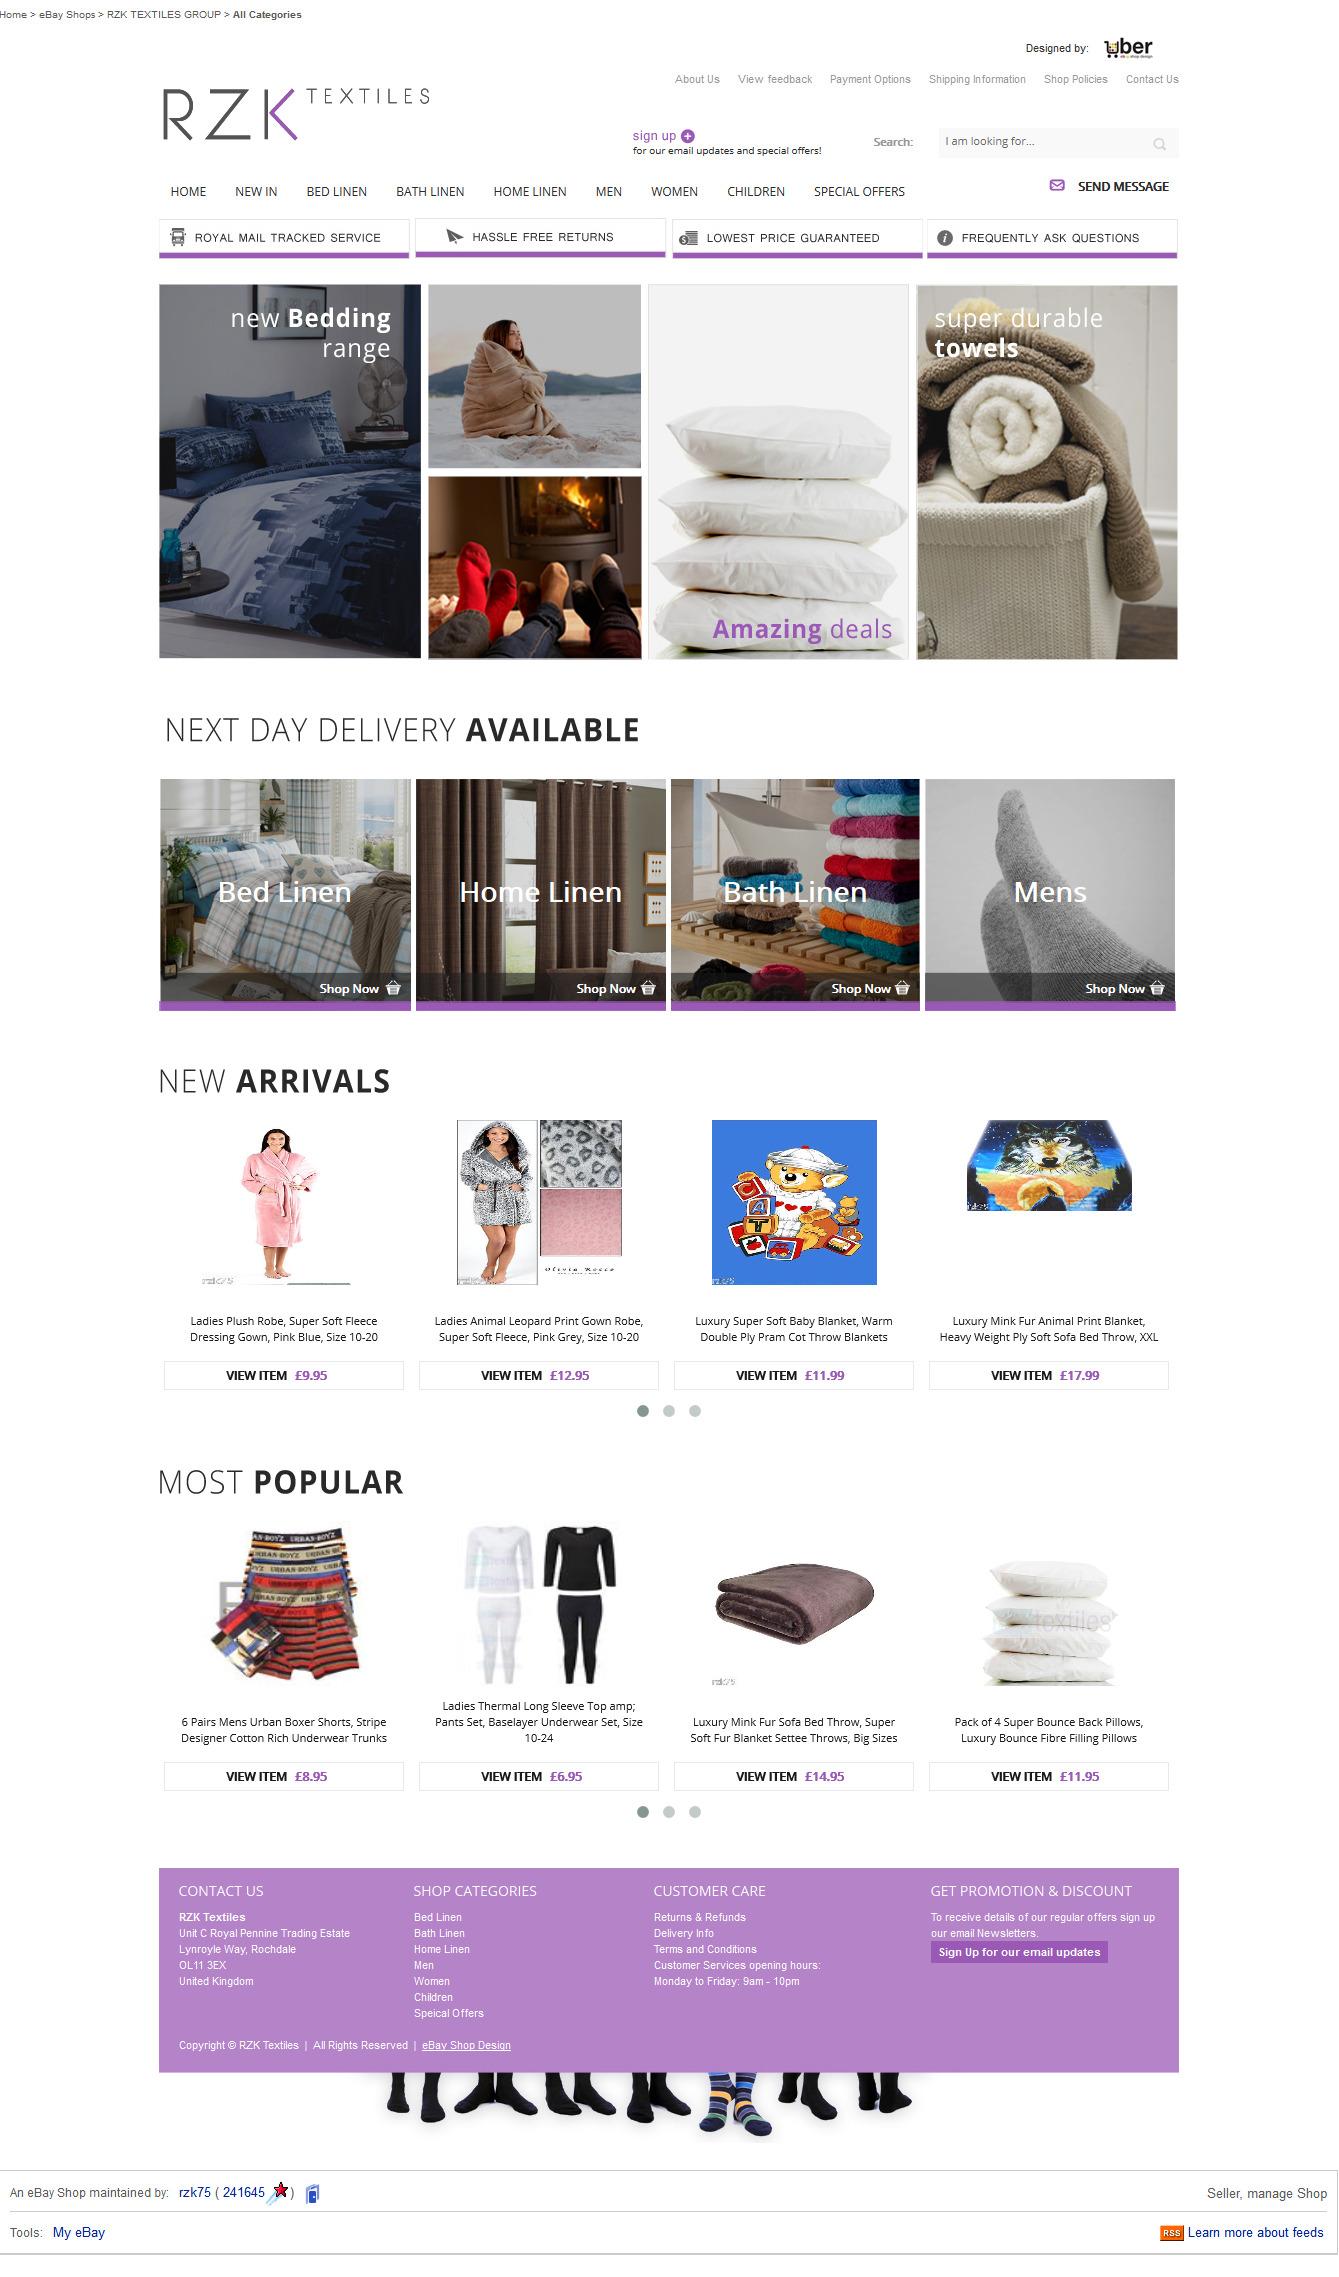 RZK_ebay-shop-design